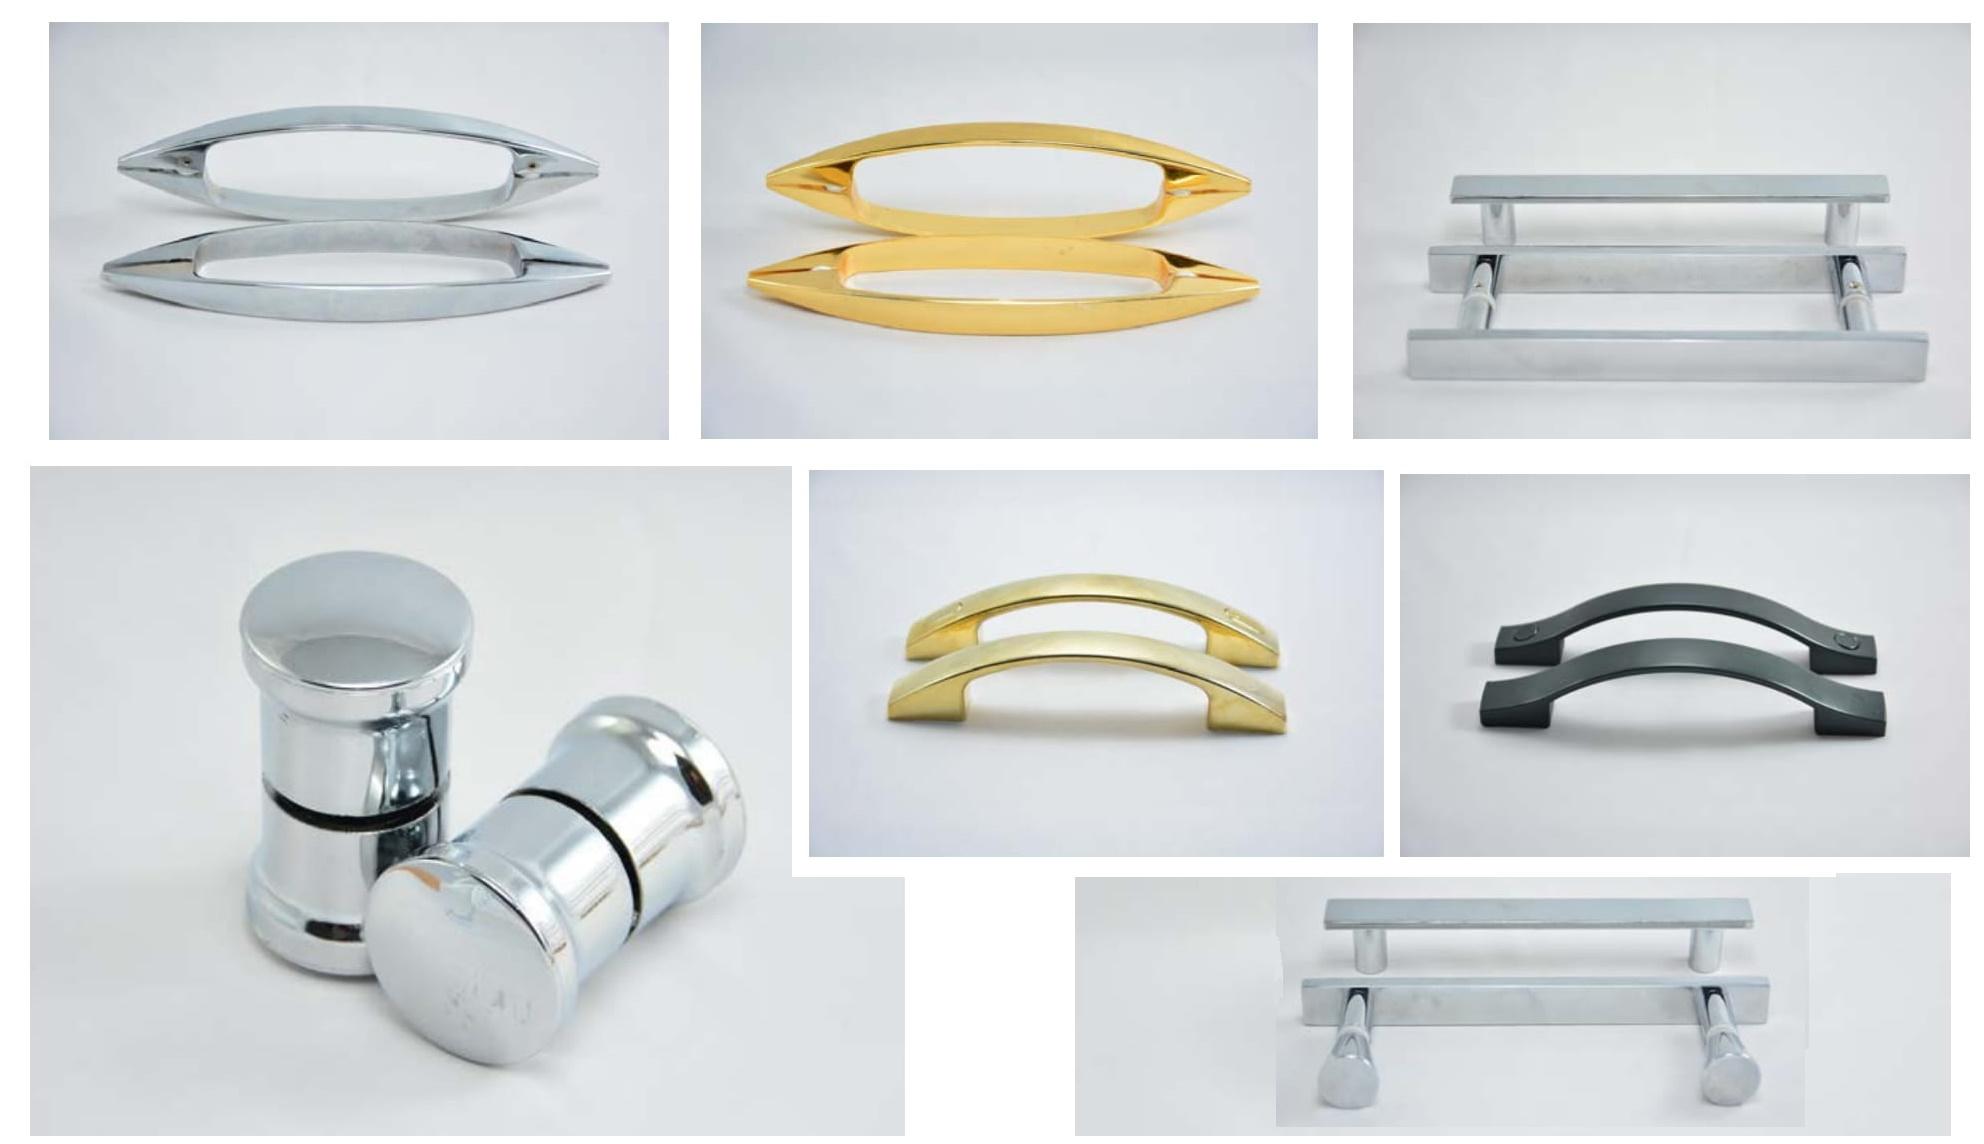 انواع دستگیره های شیشه های مختلف